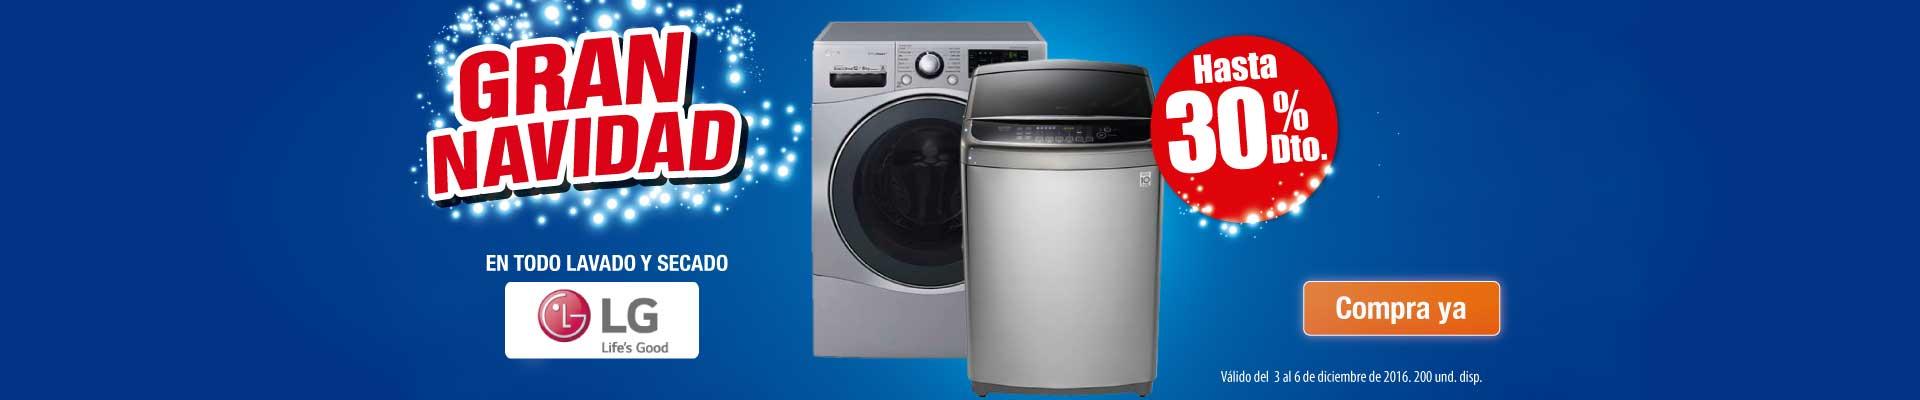 Hasta 30% Dto. en todo lavado y secado LG - Principal Alkosto - Dic 3